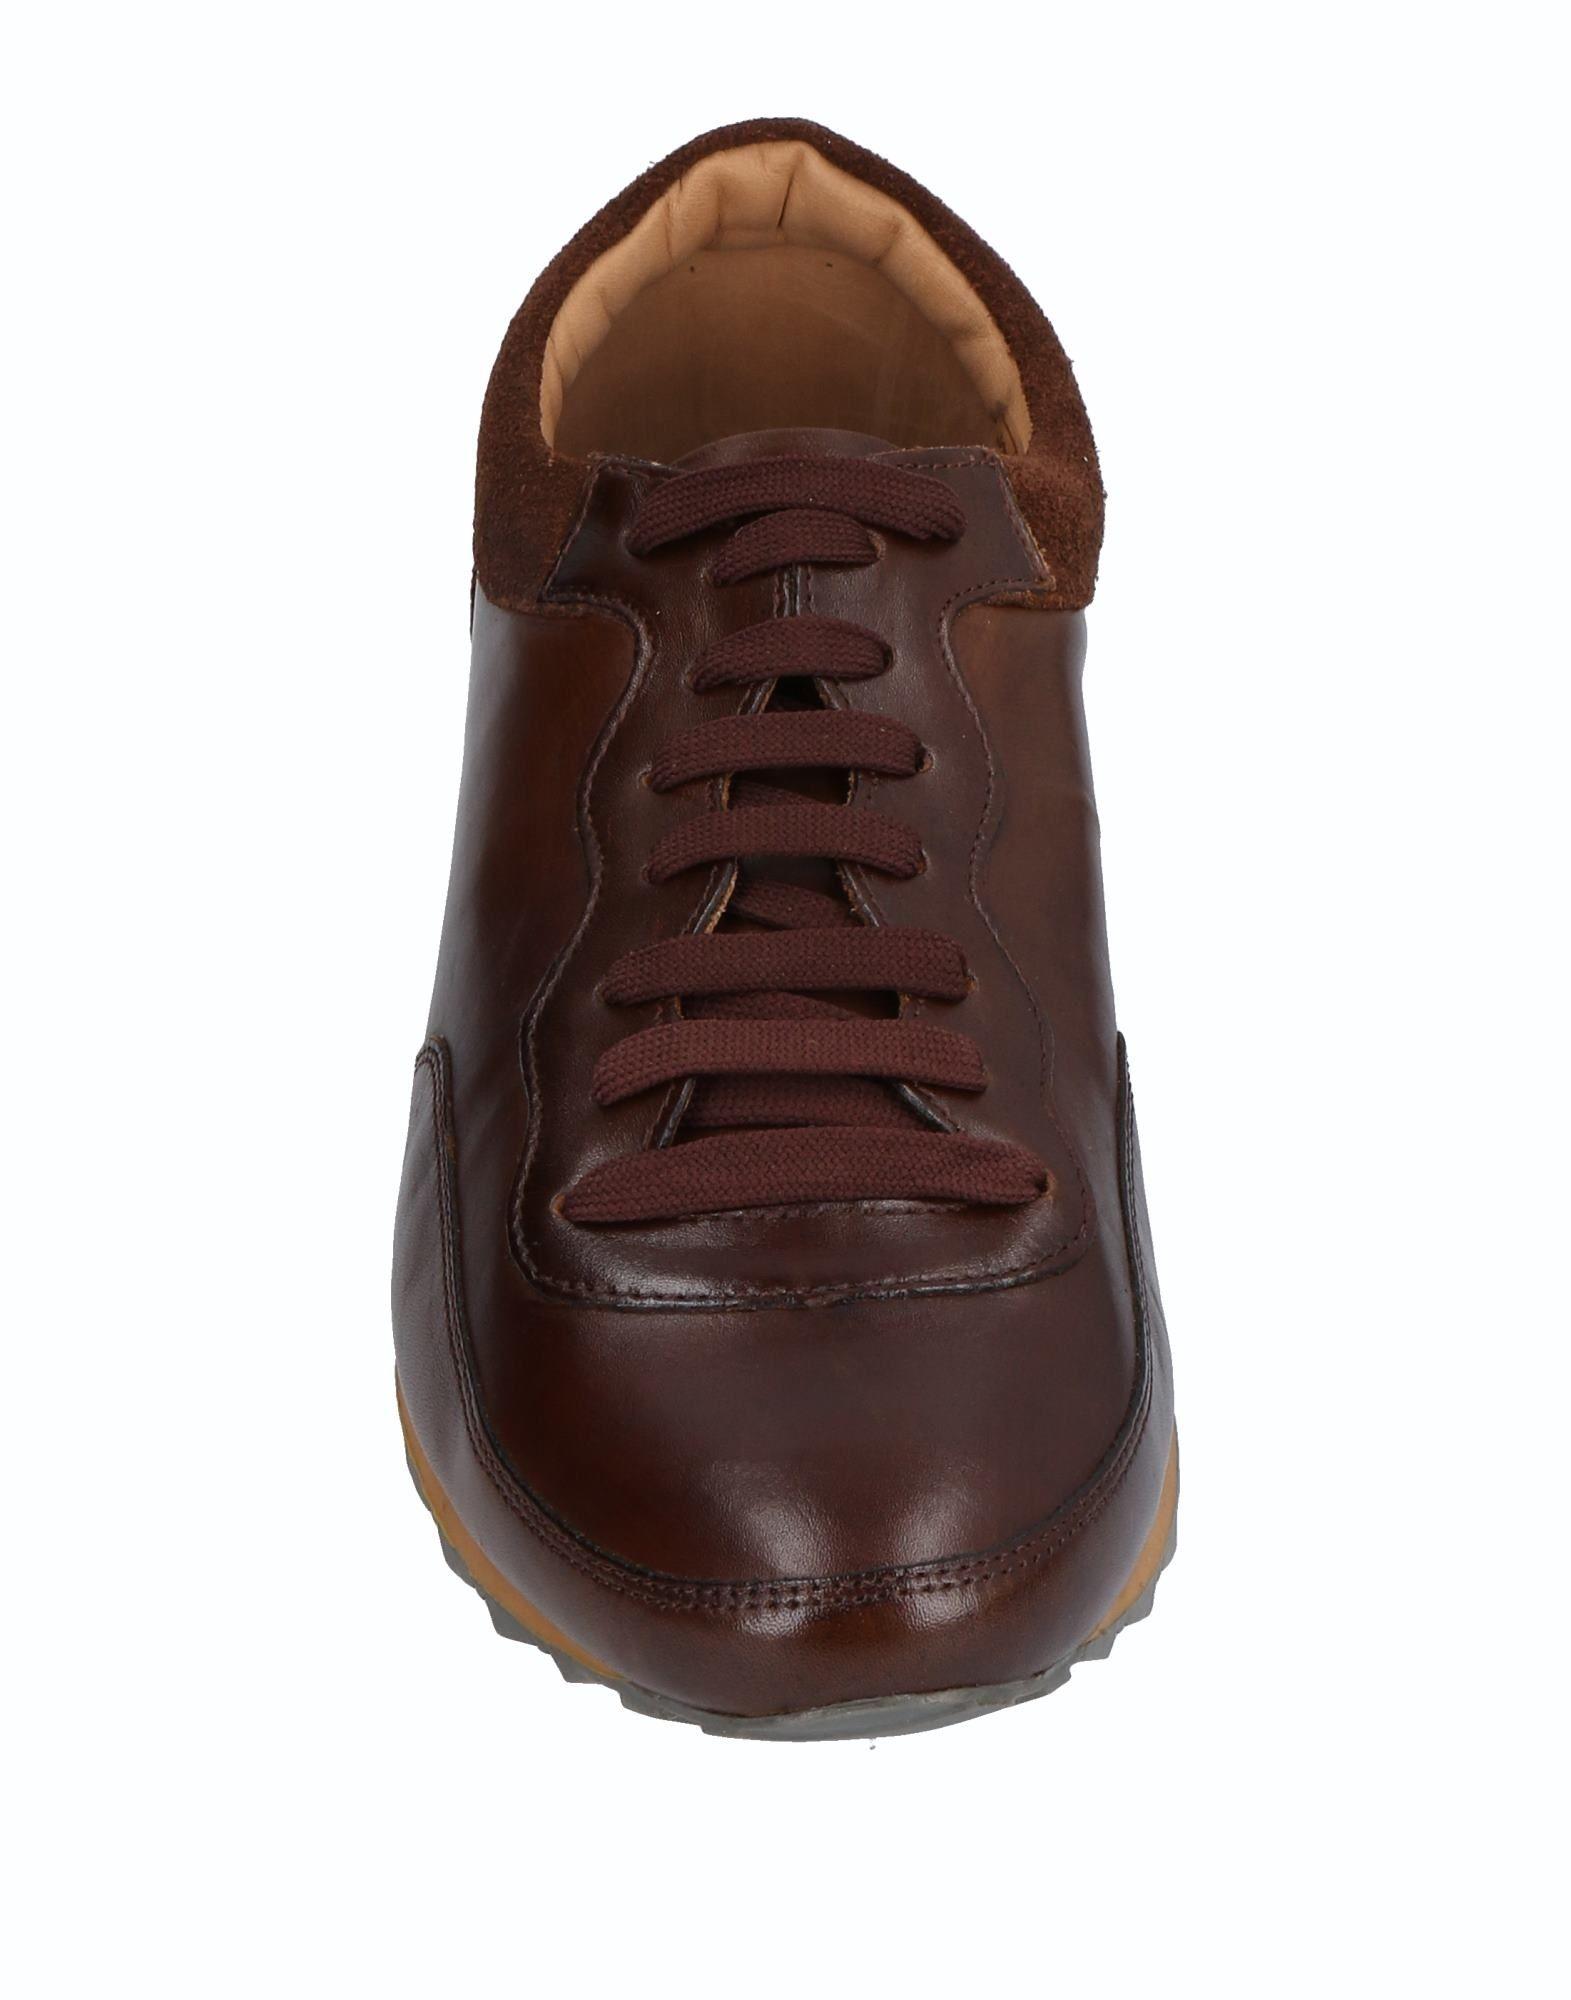 Cantarelli Cantarelli  Sneakers Herren  11514058QD 09dfa8